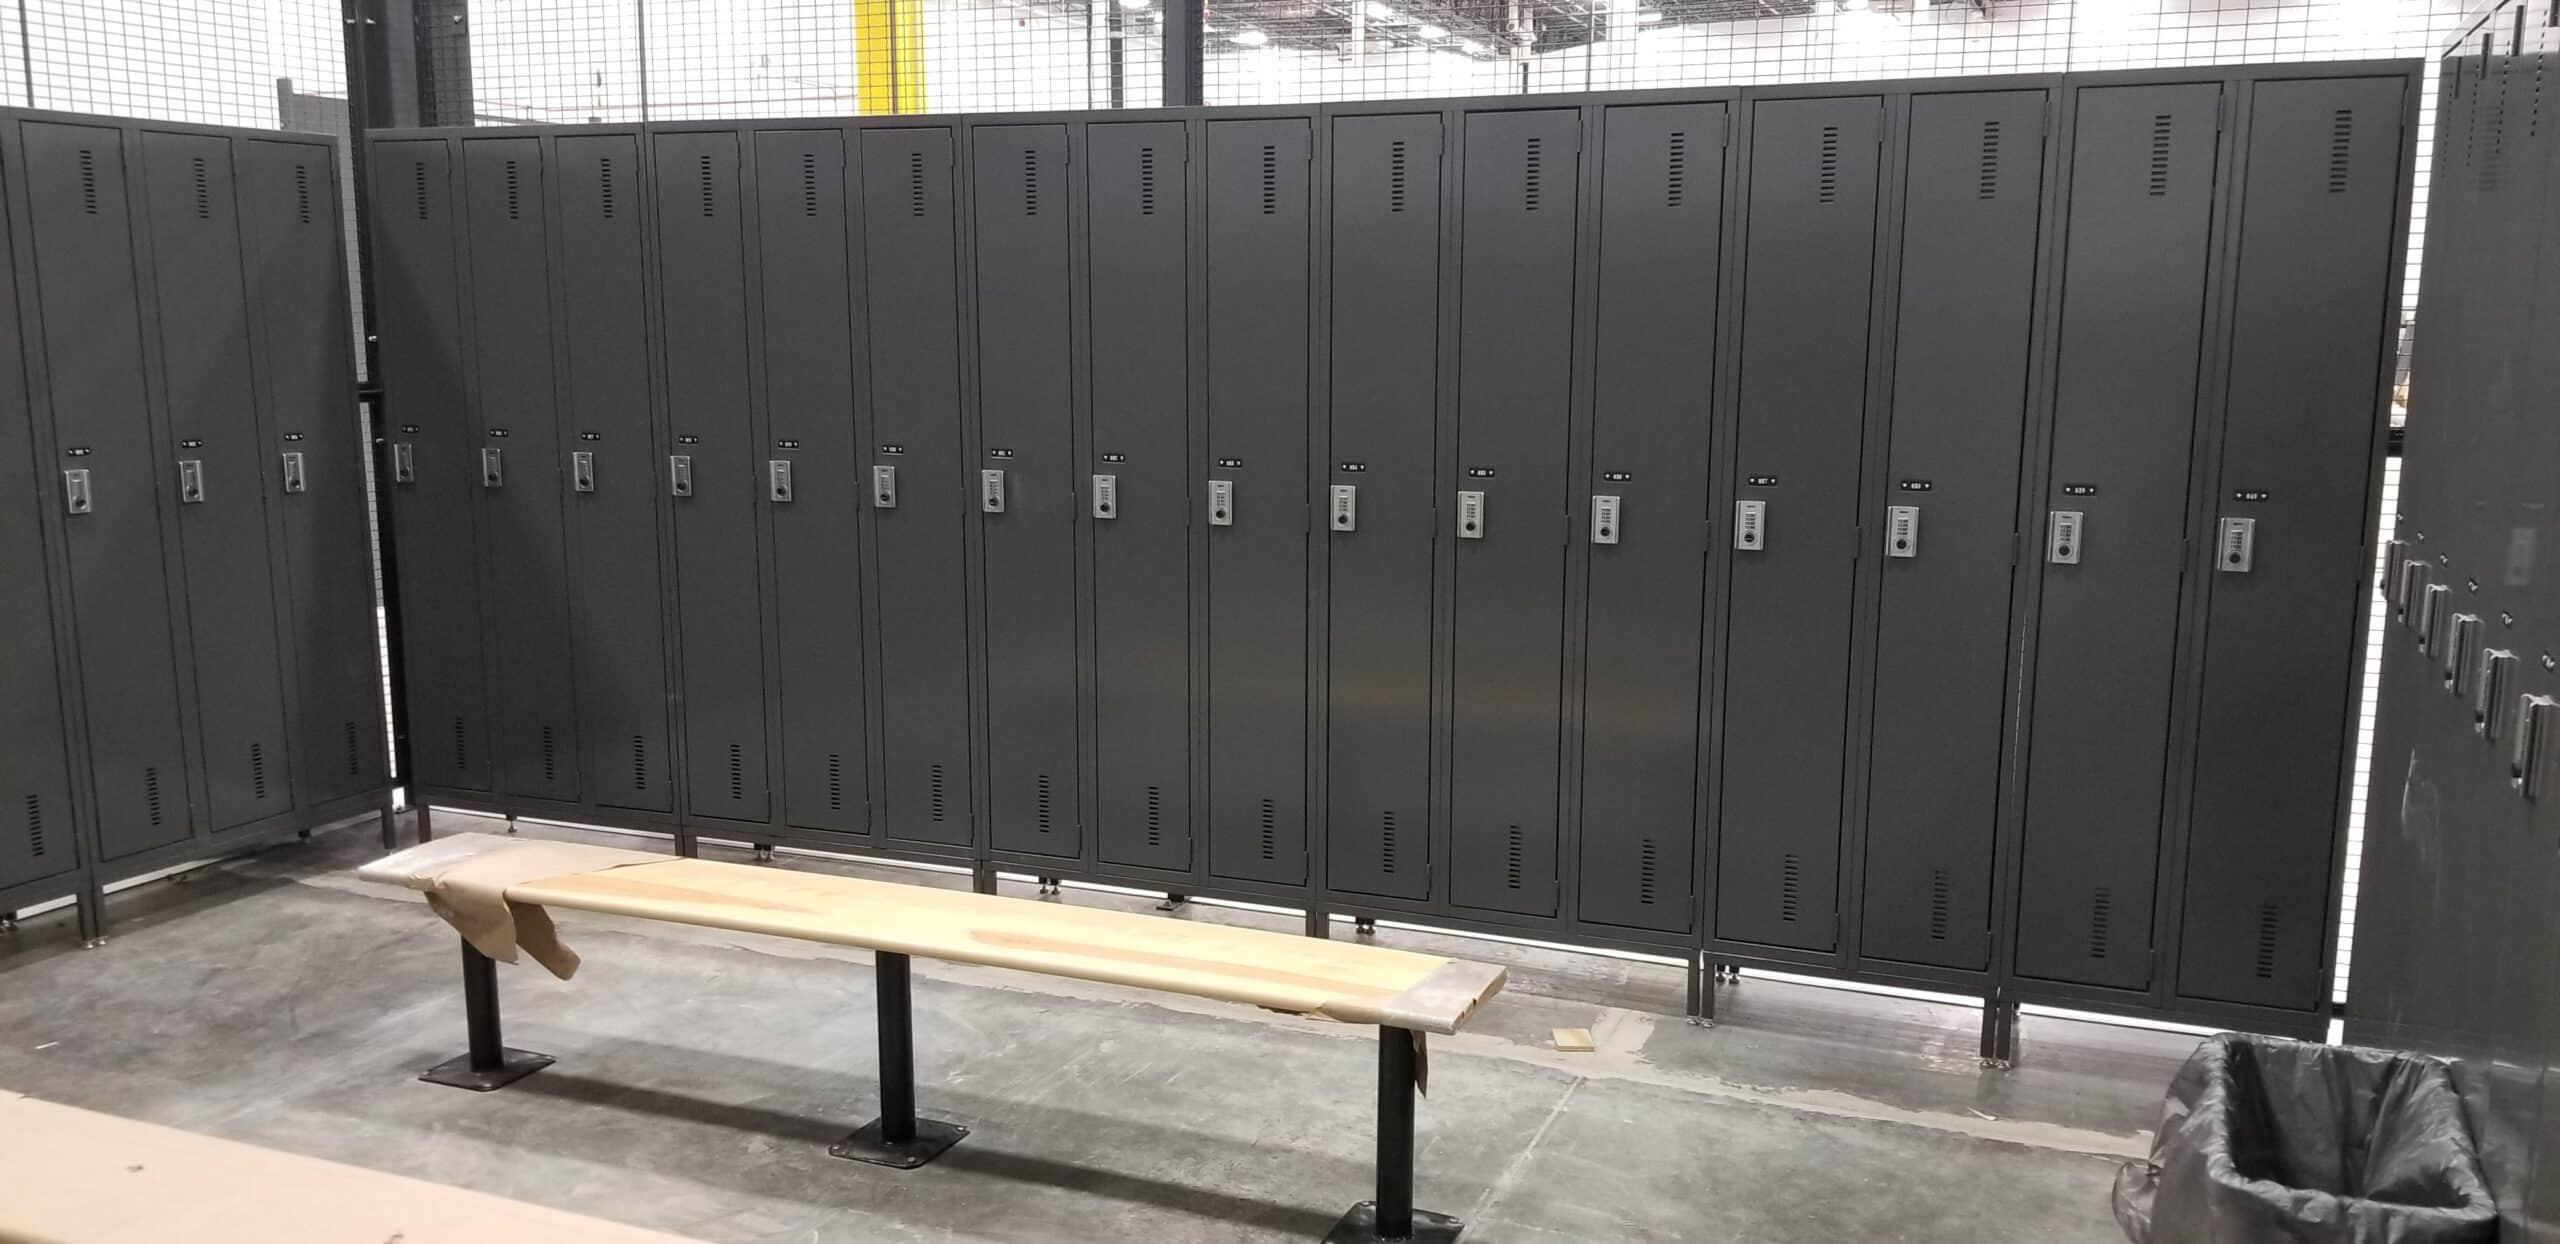 One tier lockers on legs